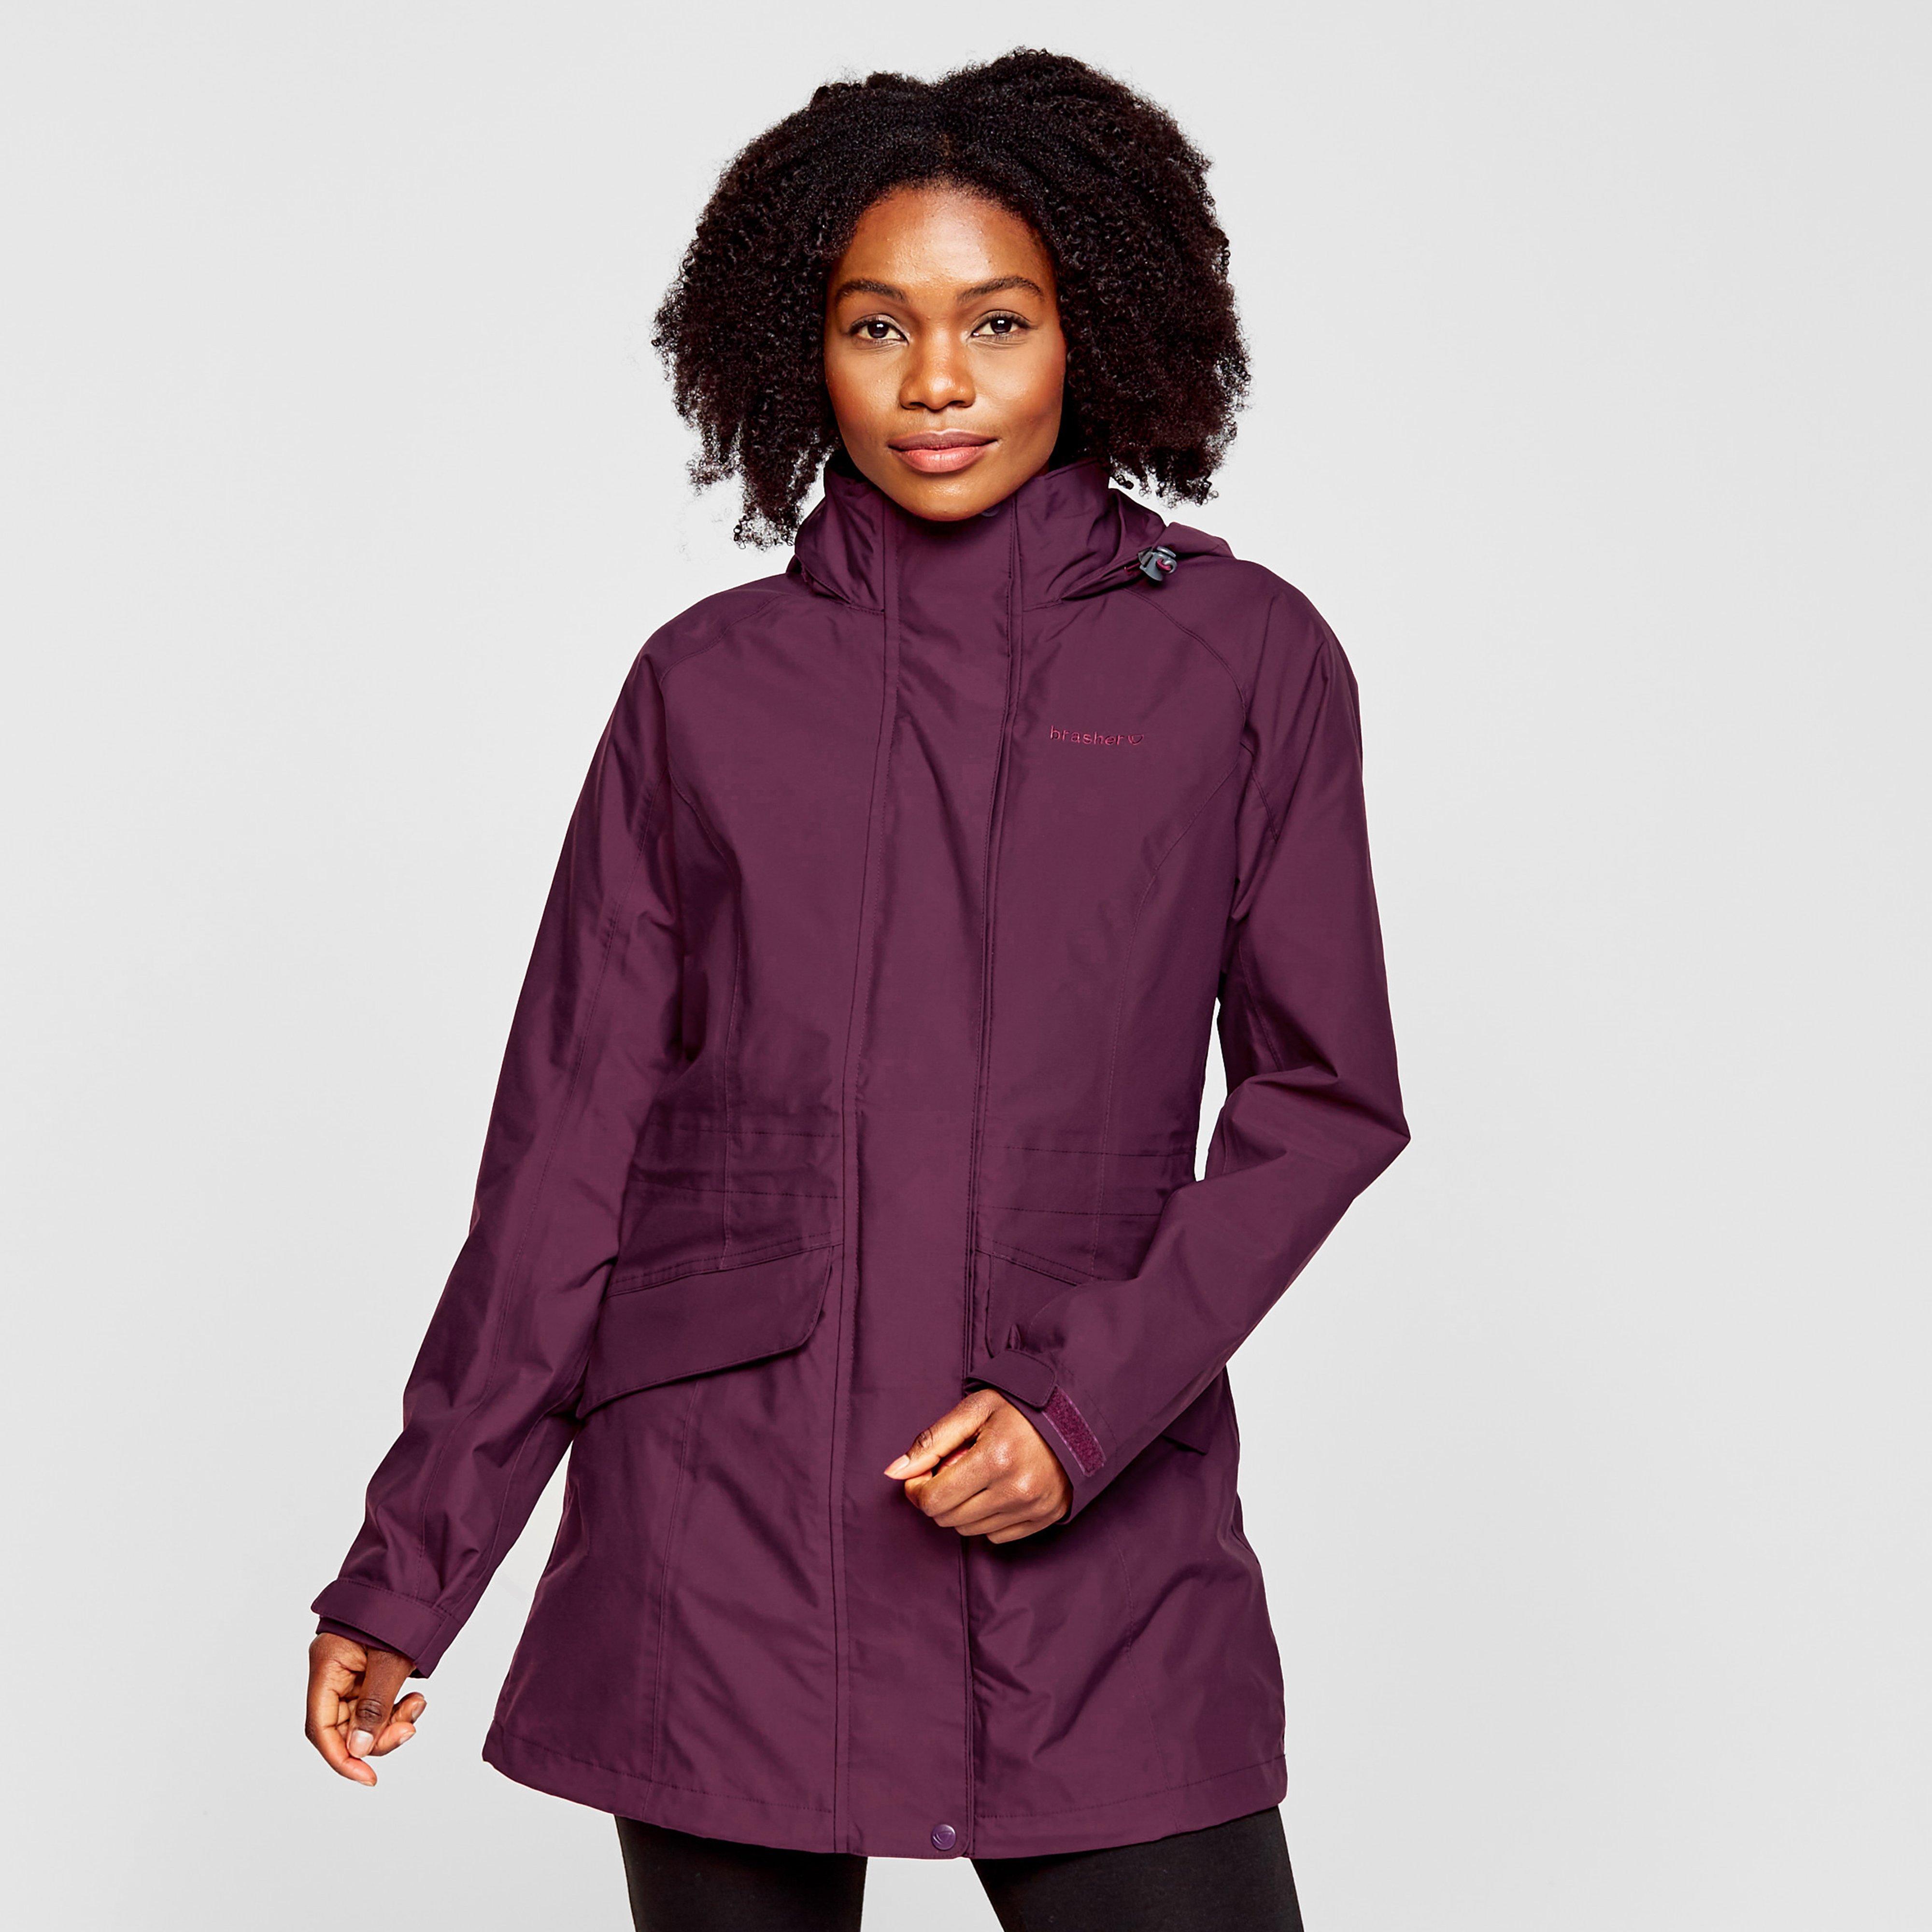 Brasher Women's Grisedale Waterproof Jacket - Purple, Purple